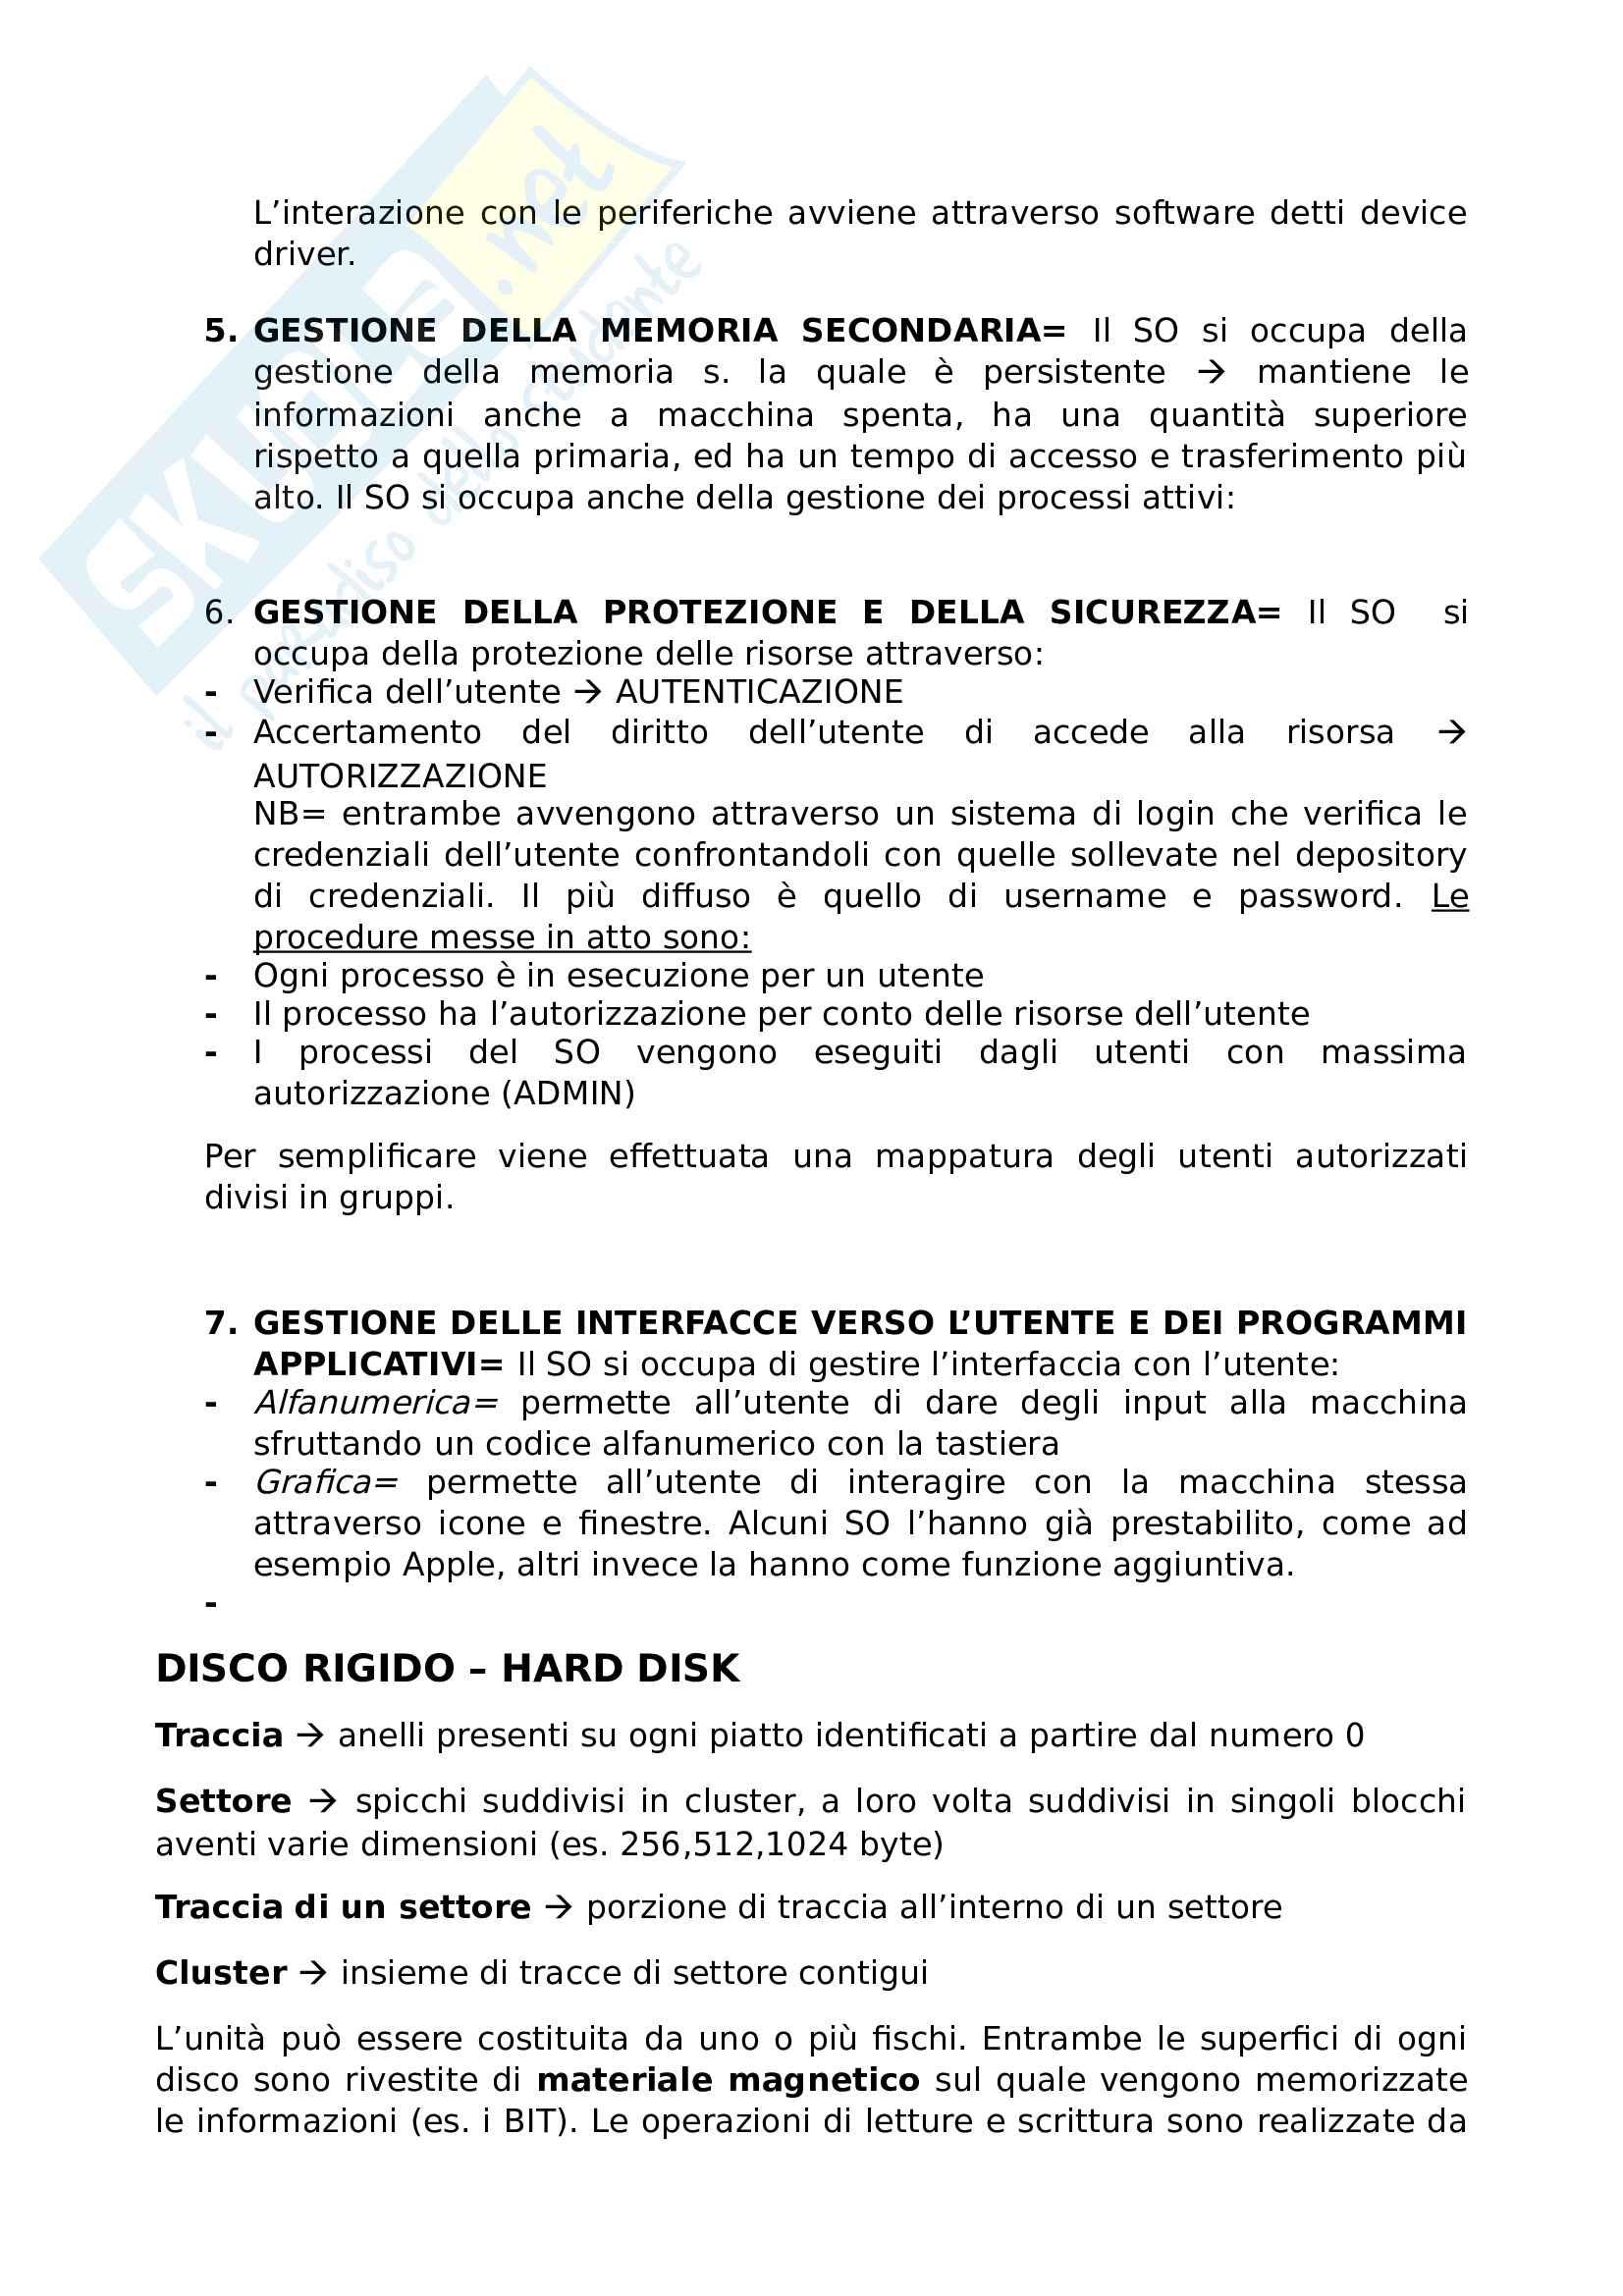 Riassunto esame informatica Prof. Avola Pag. 6